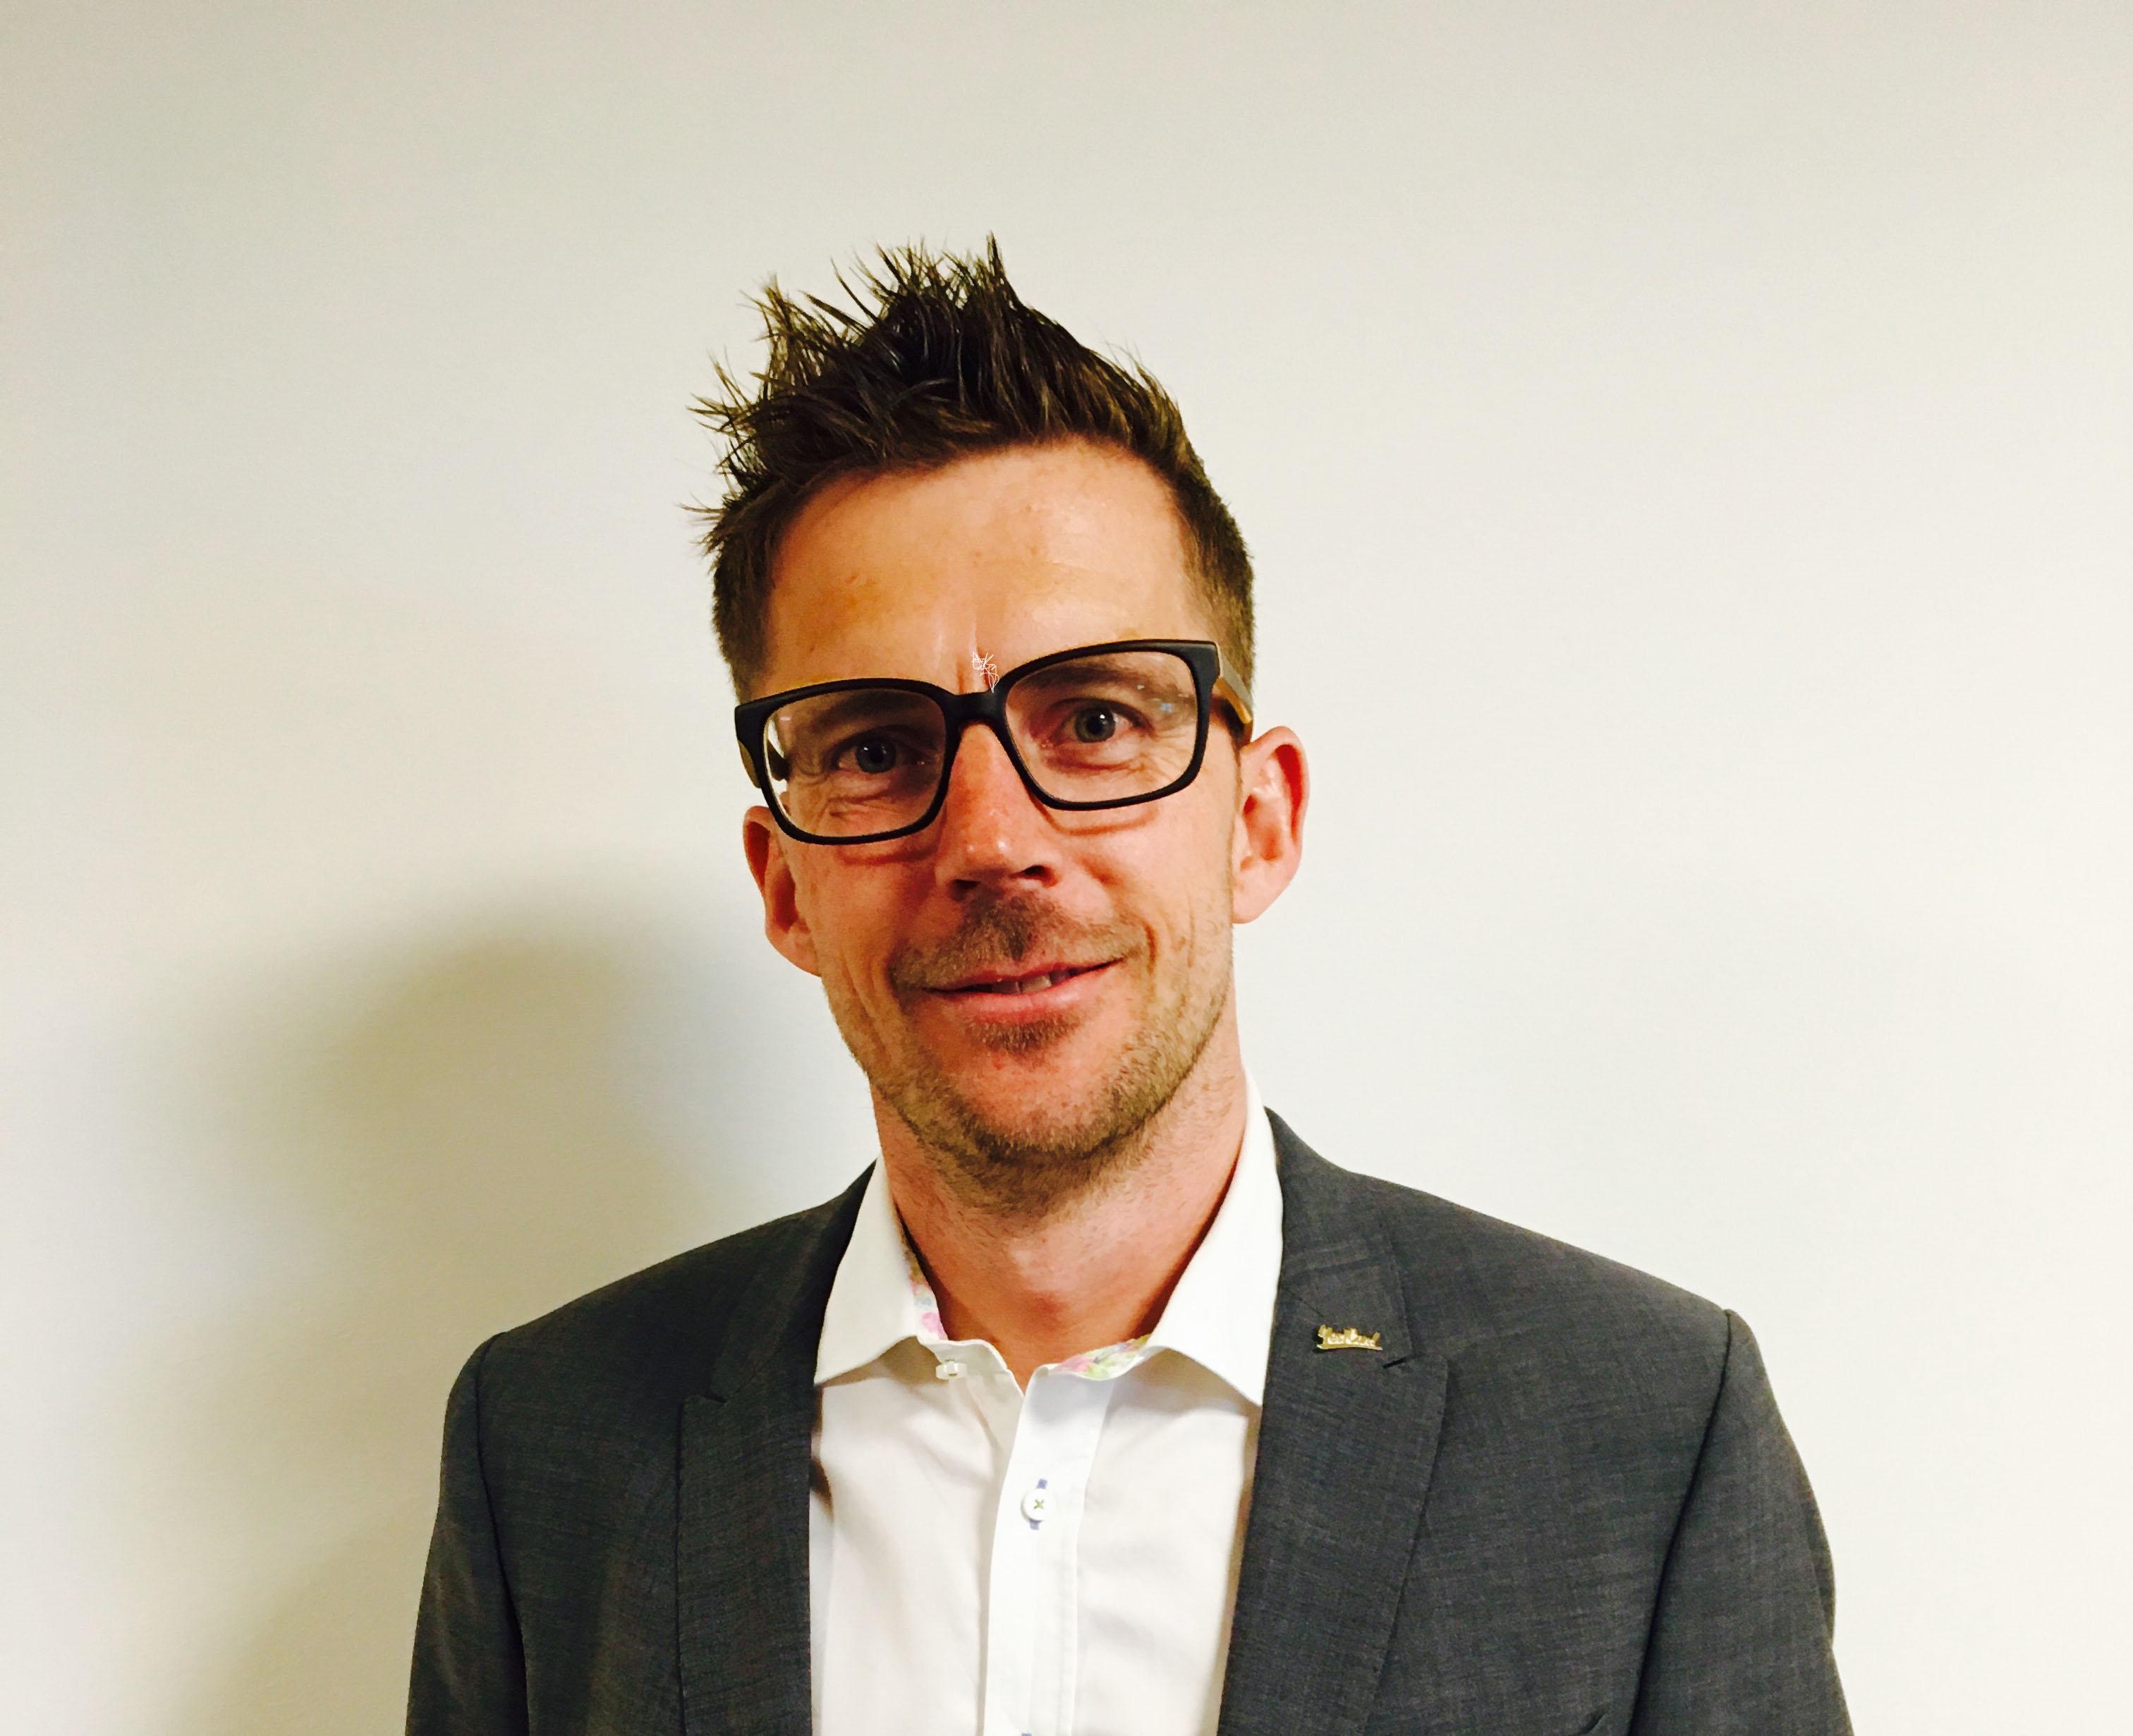 Ole Høgh skifter fra at være salgsdirektør for Radisson-hotellerne i Danmark til fra næste måned at blive direktør for to Scandic-hoteller. Arkivfoto.